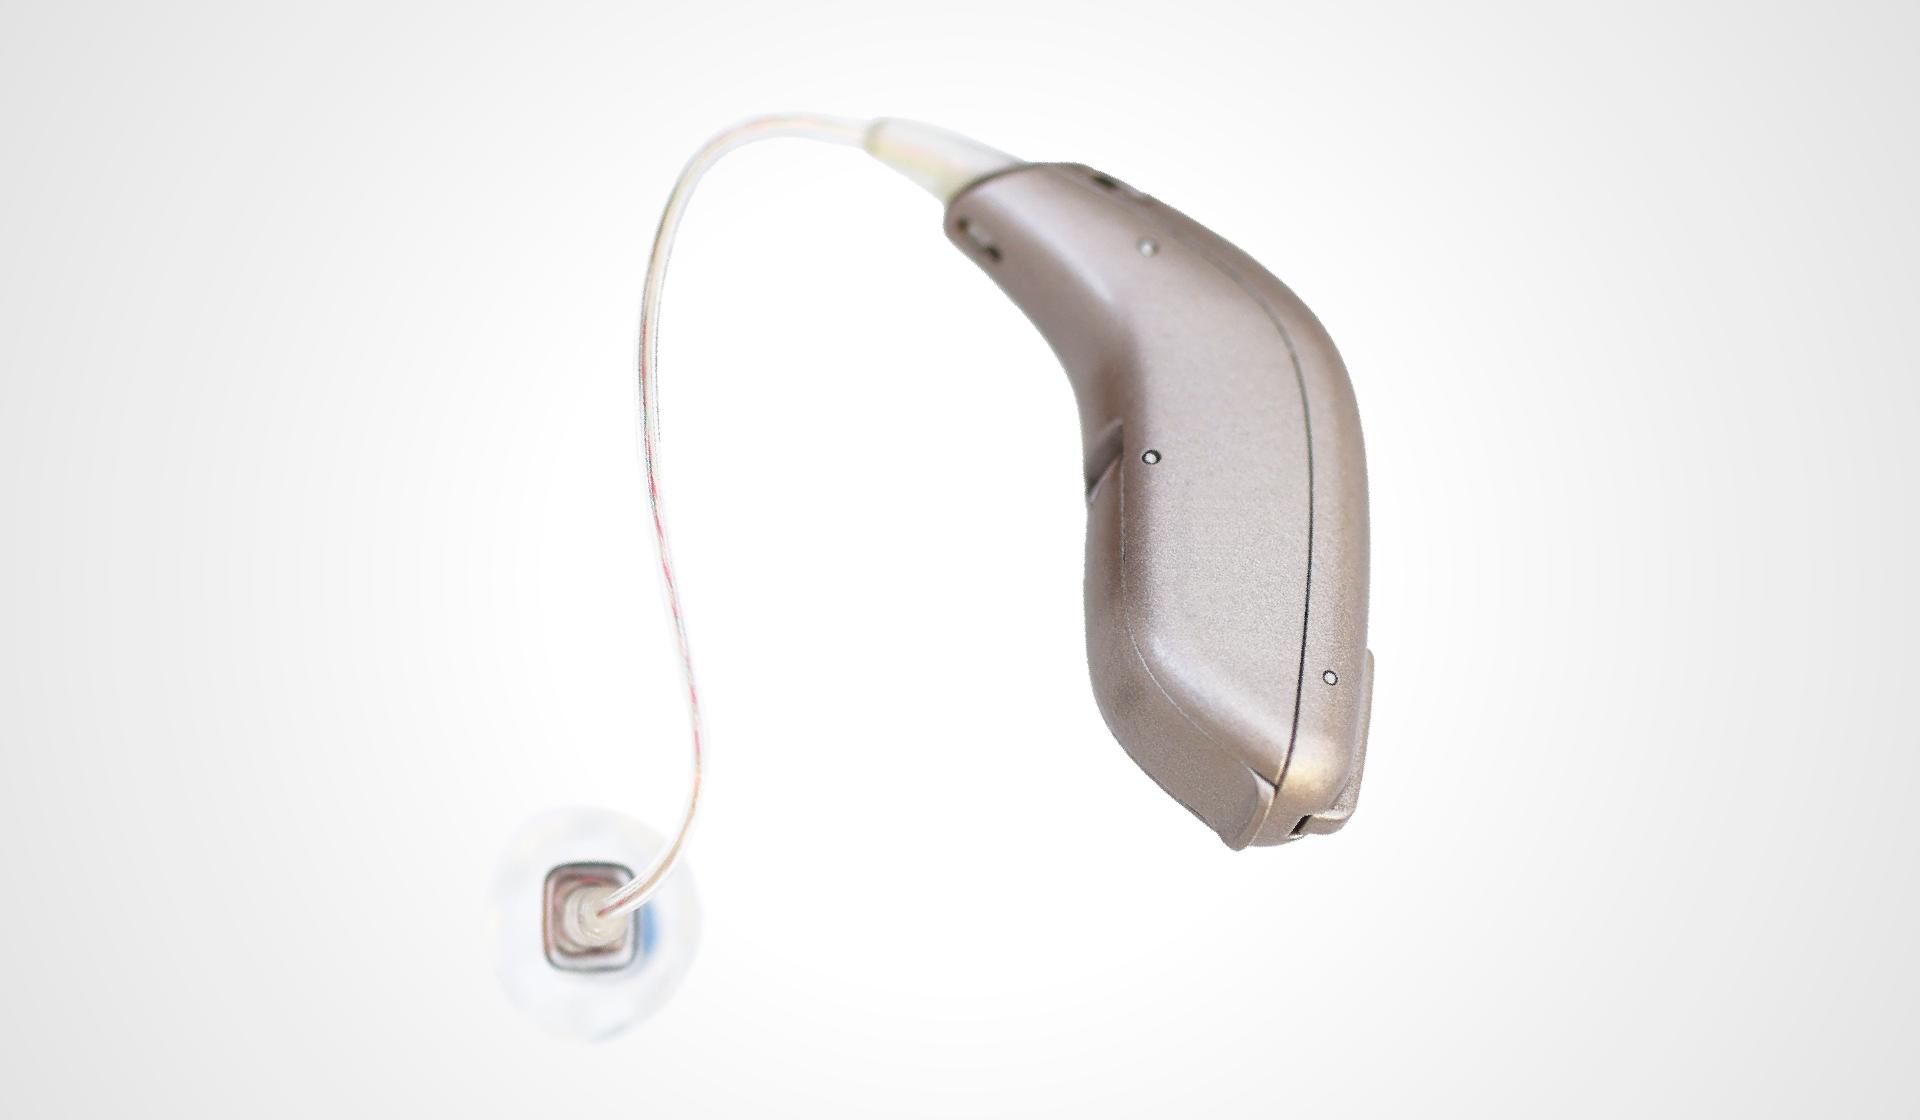 補聴器と私たちの取り組み